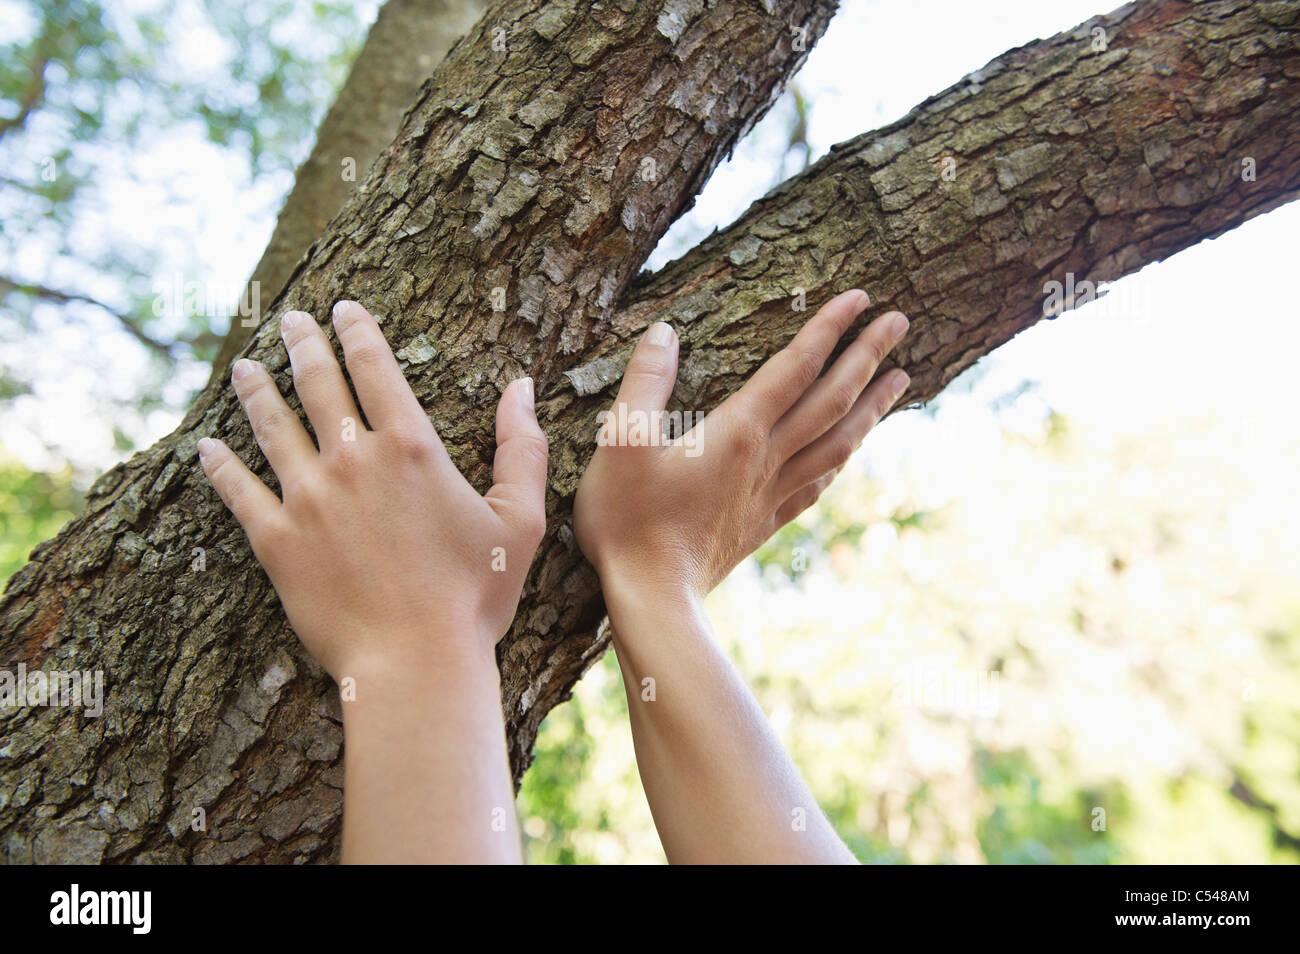 Close-up de una mano humana tocando la rama de árbol Imagen De Stock